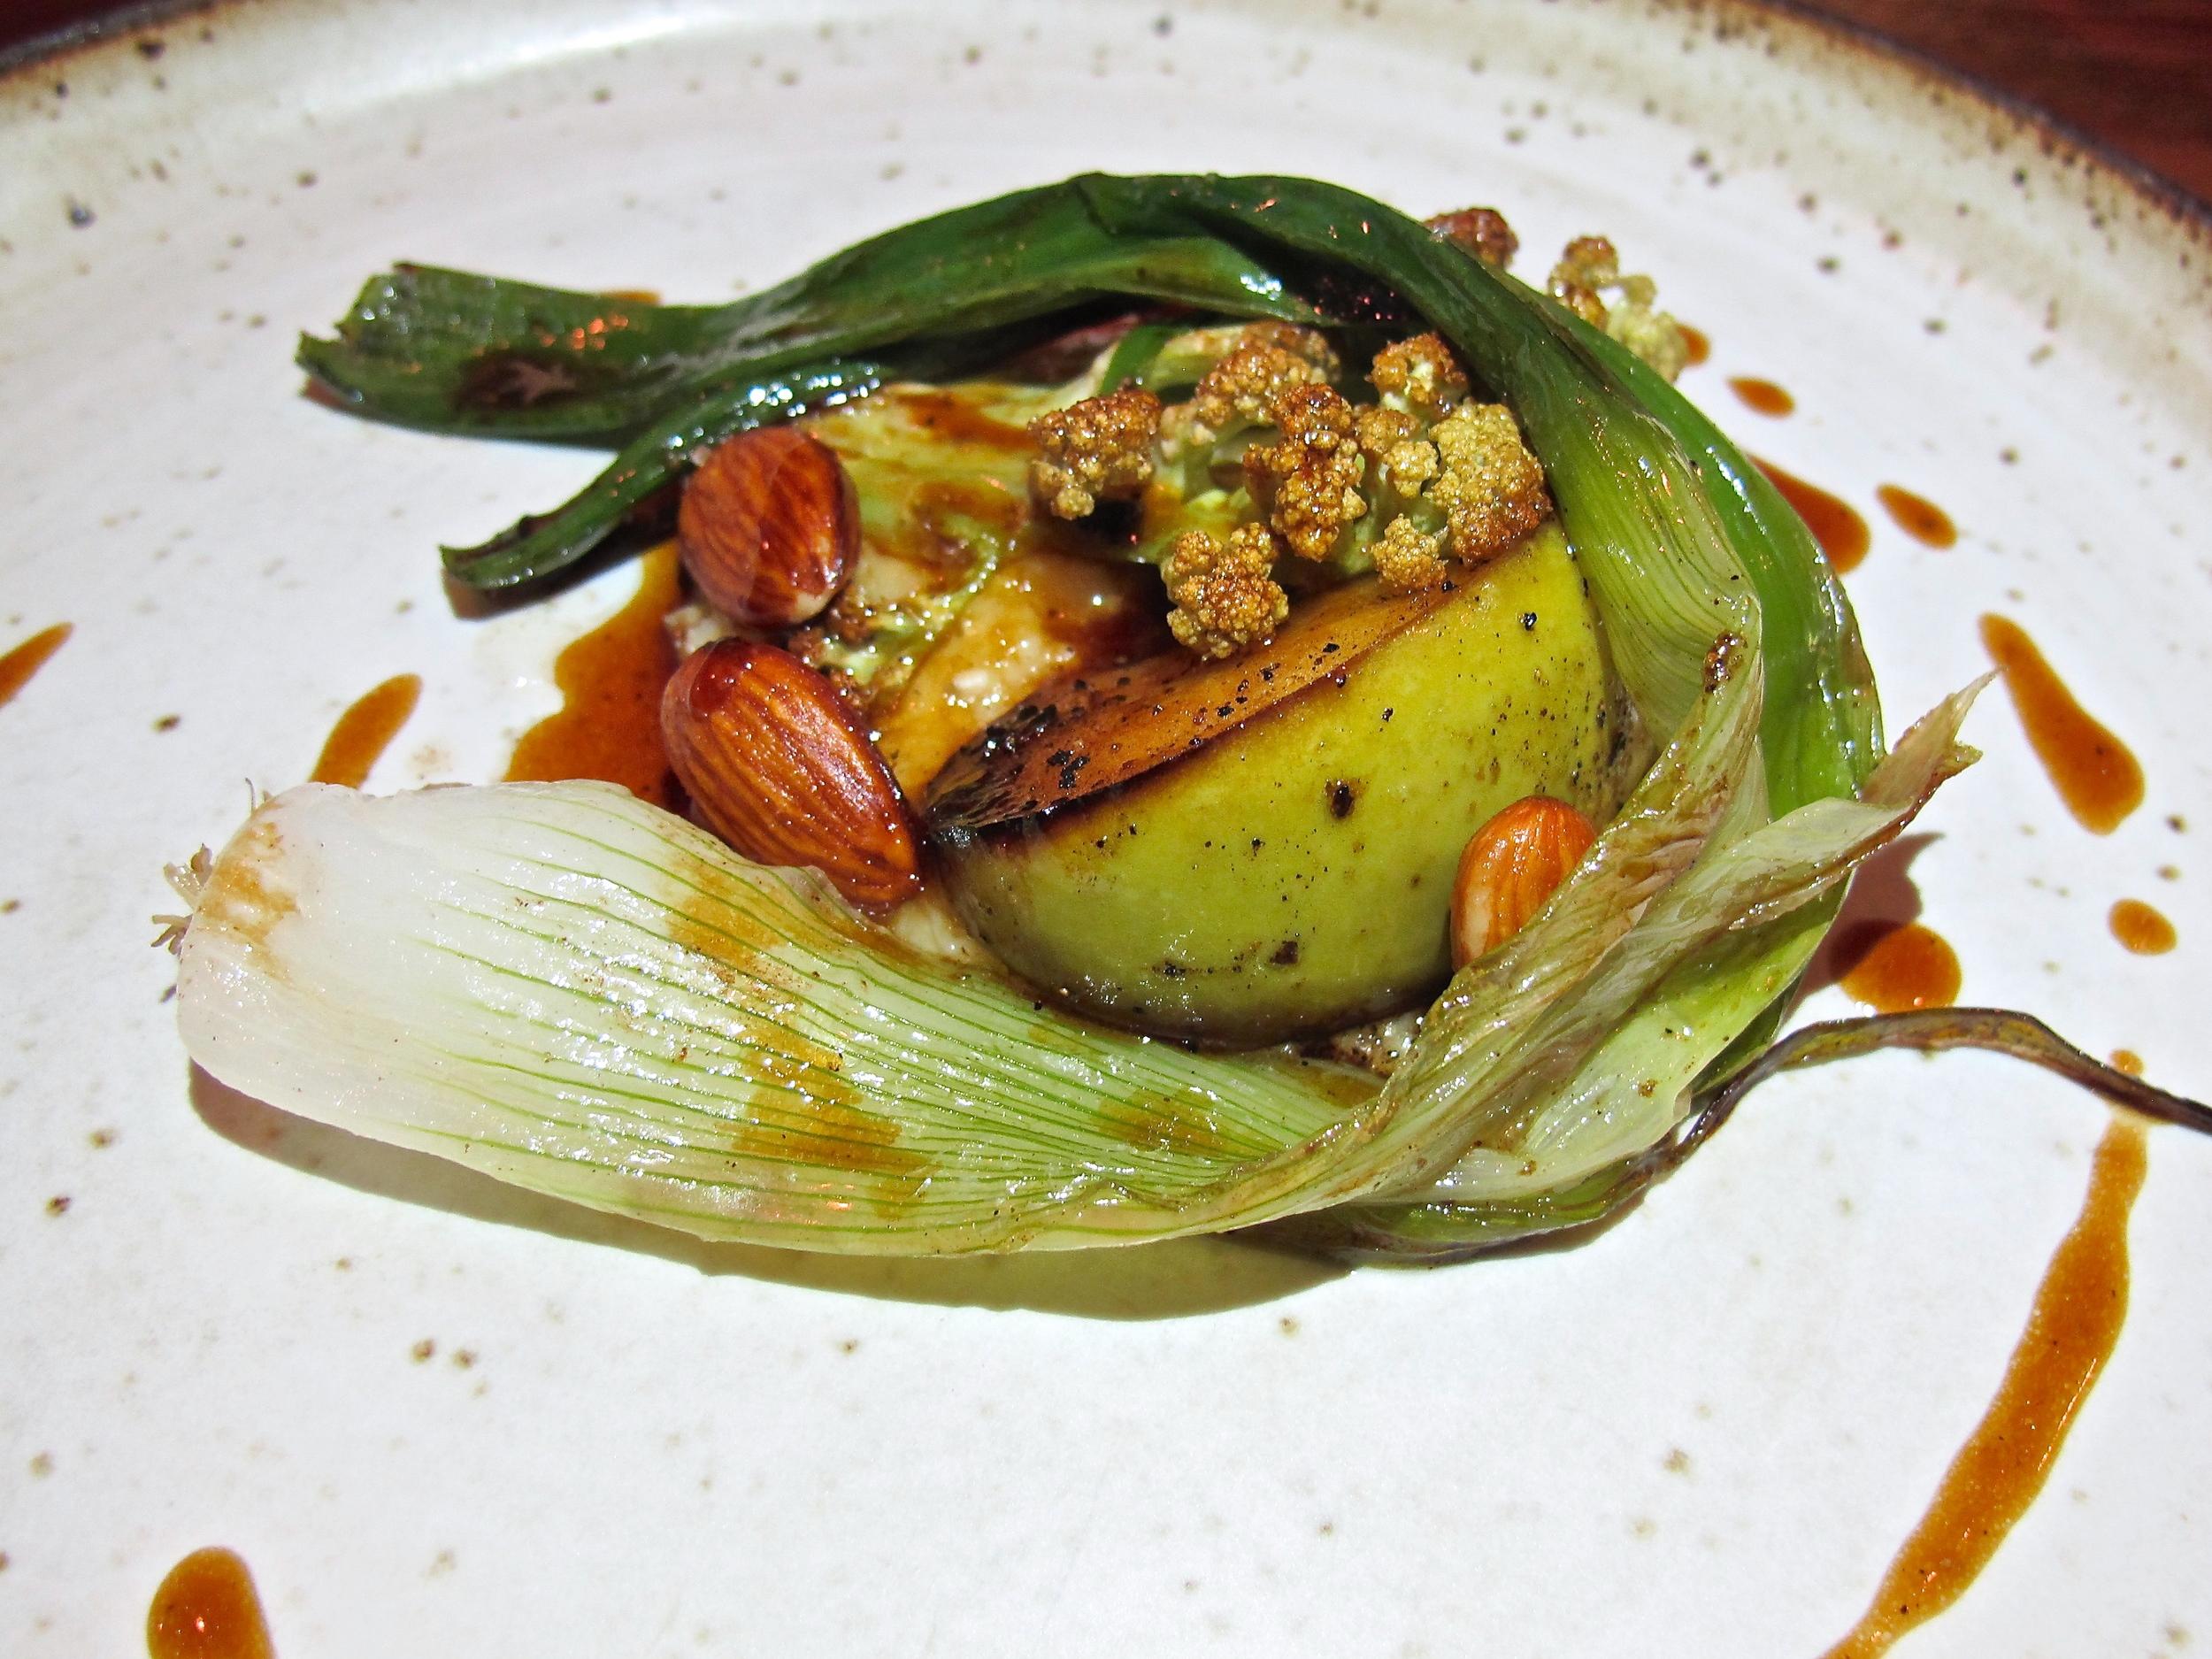 Gary Menes' Le Comptoir vegetables